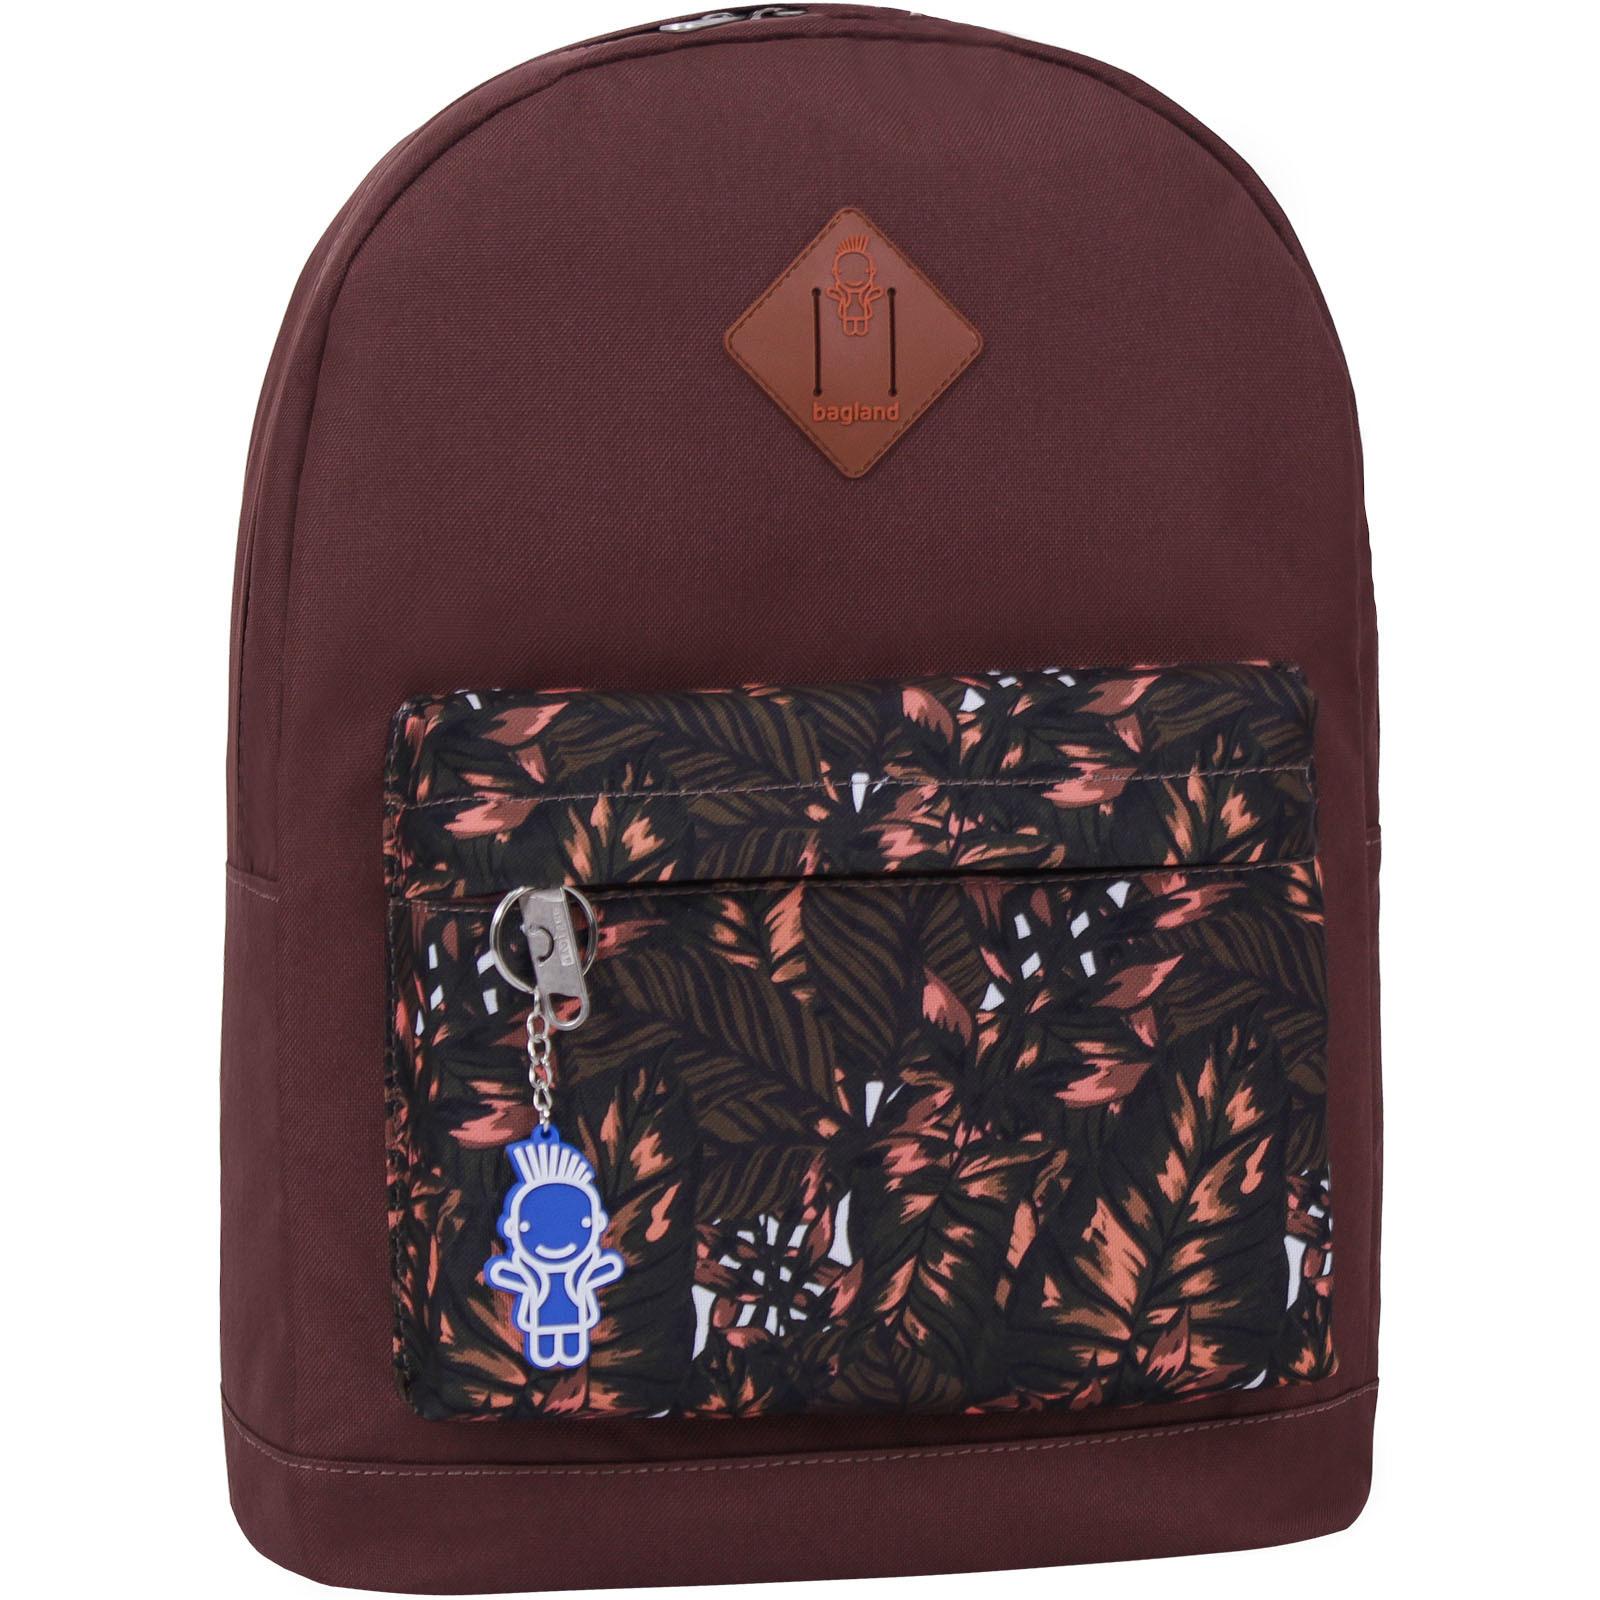 Городские рюкзаки Рюкзак Bagland Молодежный W/R 17 л. коричневый 475 (00533662) IMG_2318_475_1600.jpg